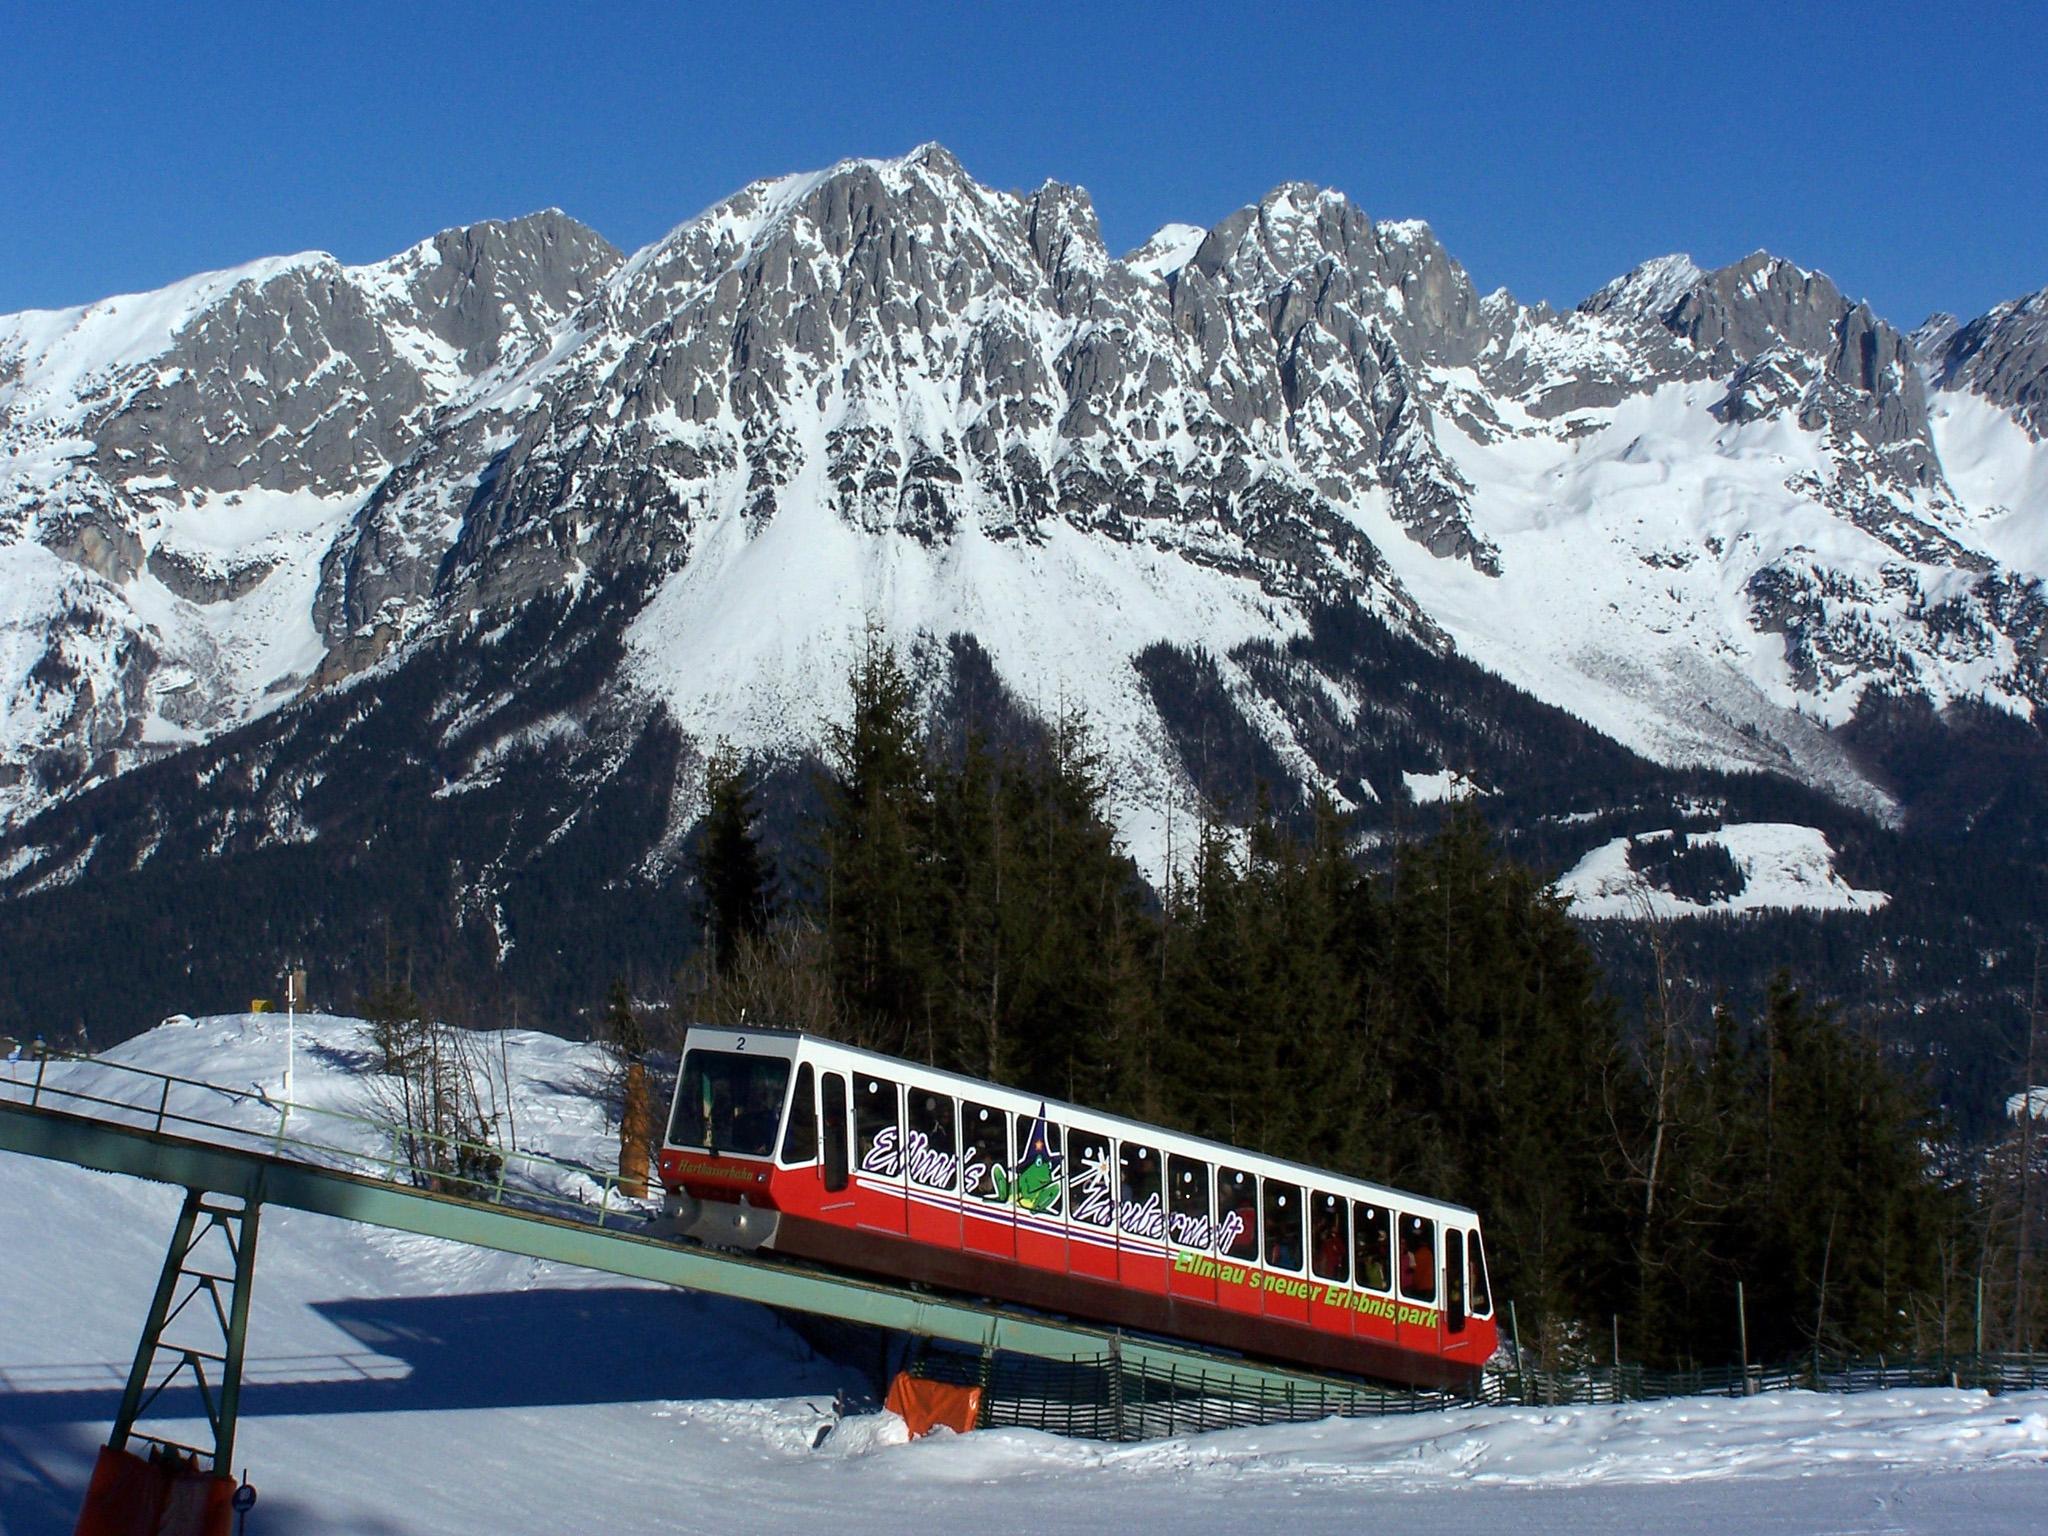 Standseilbahn Hartkaiserbahn, Ellmau, Austria